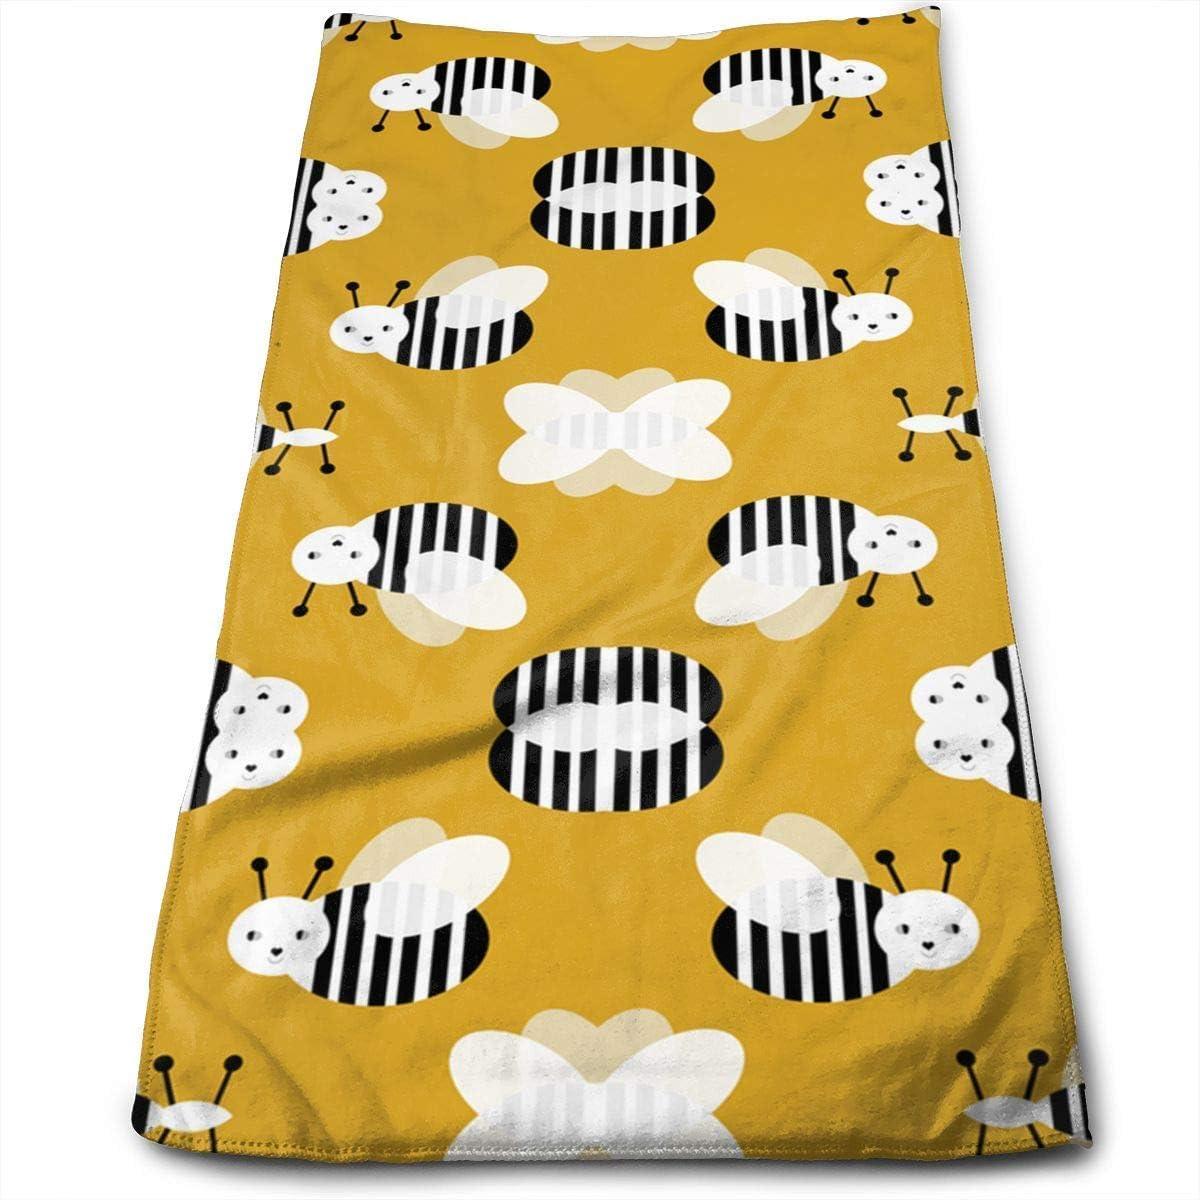 IMERIOi Toalla de Mano, Bumble Bee Garden Summer Cute Stripes 100%, Resistente a la decoloración, Altamente Absorbente, Lavable a máquina, Calidad del Hotel, Absorbente Suave para